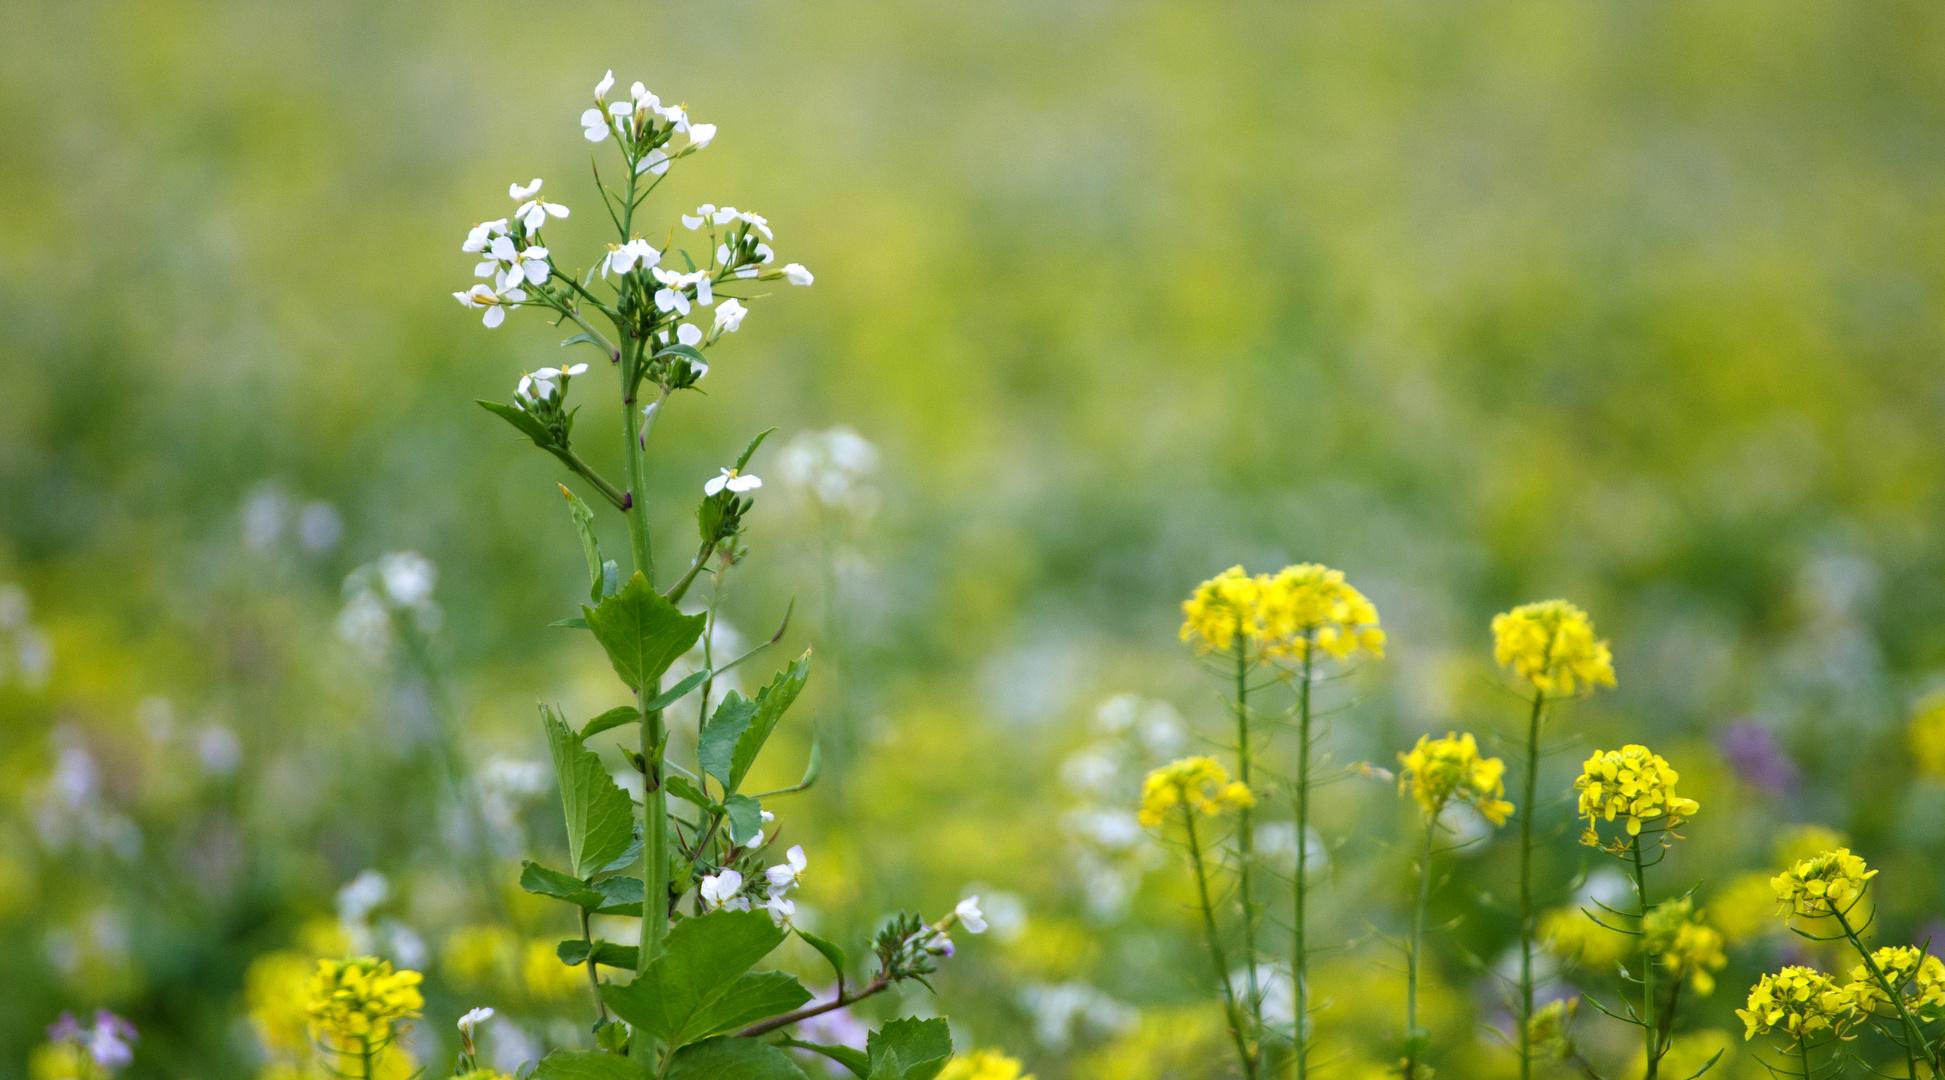 herbstliche Blumenwiese